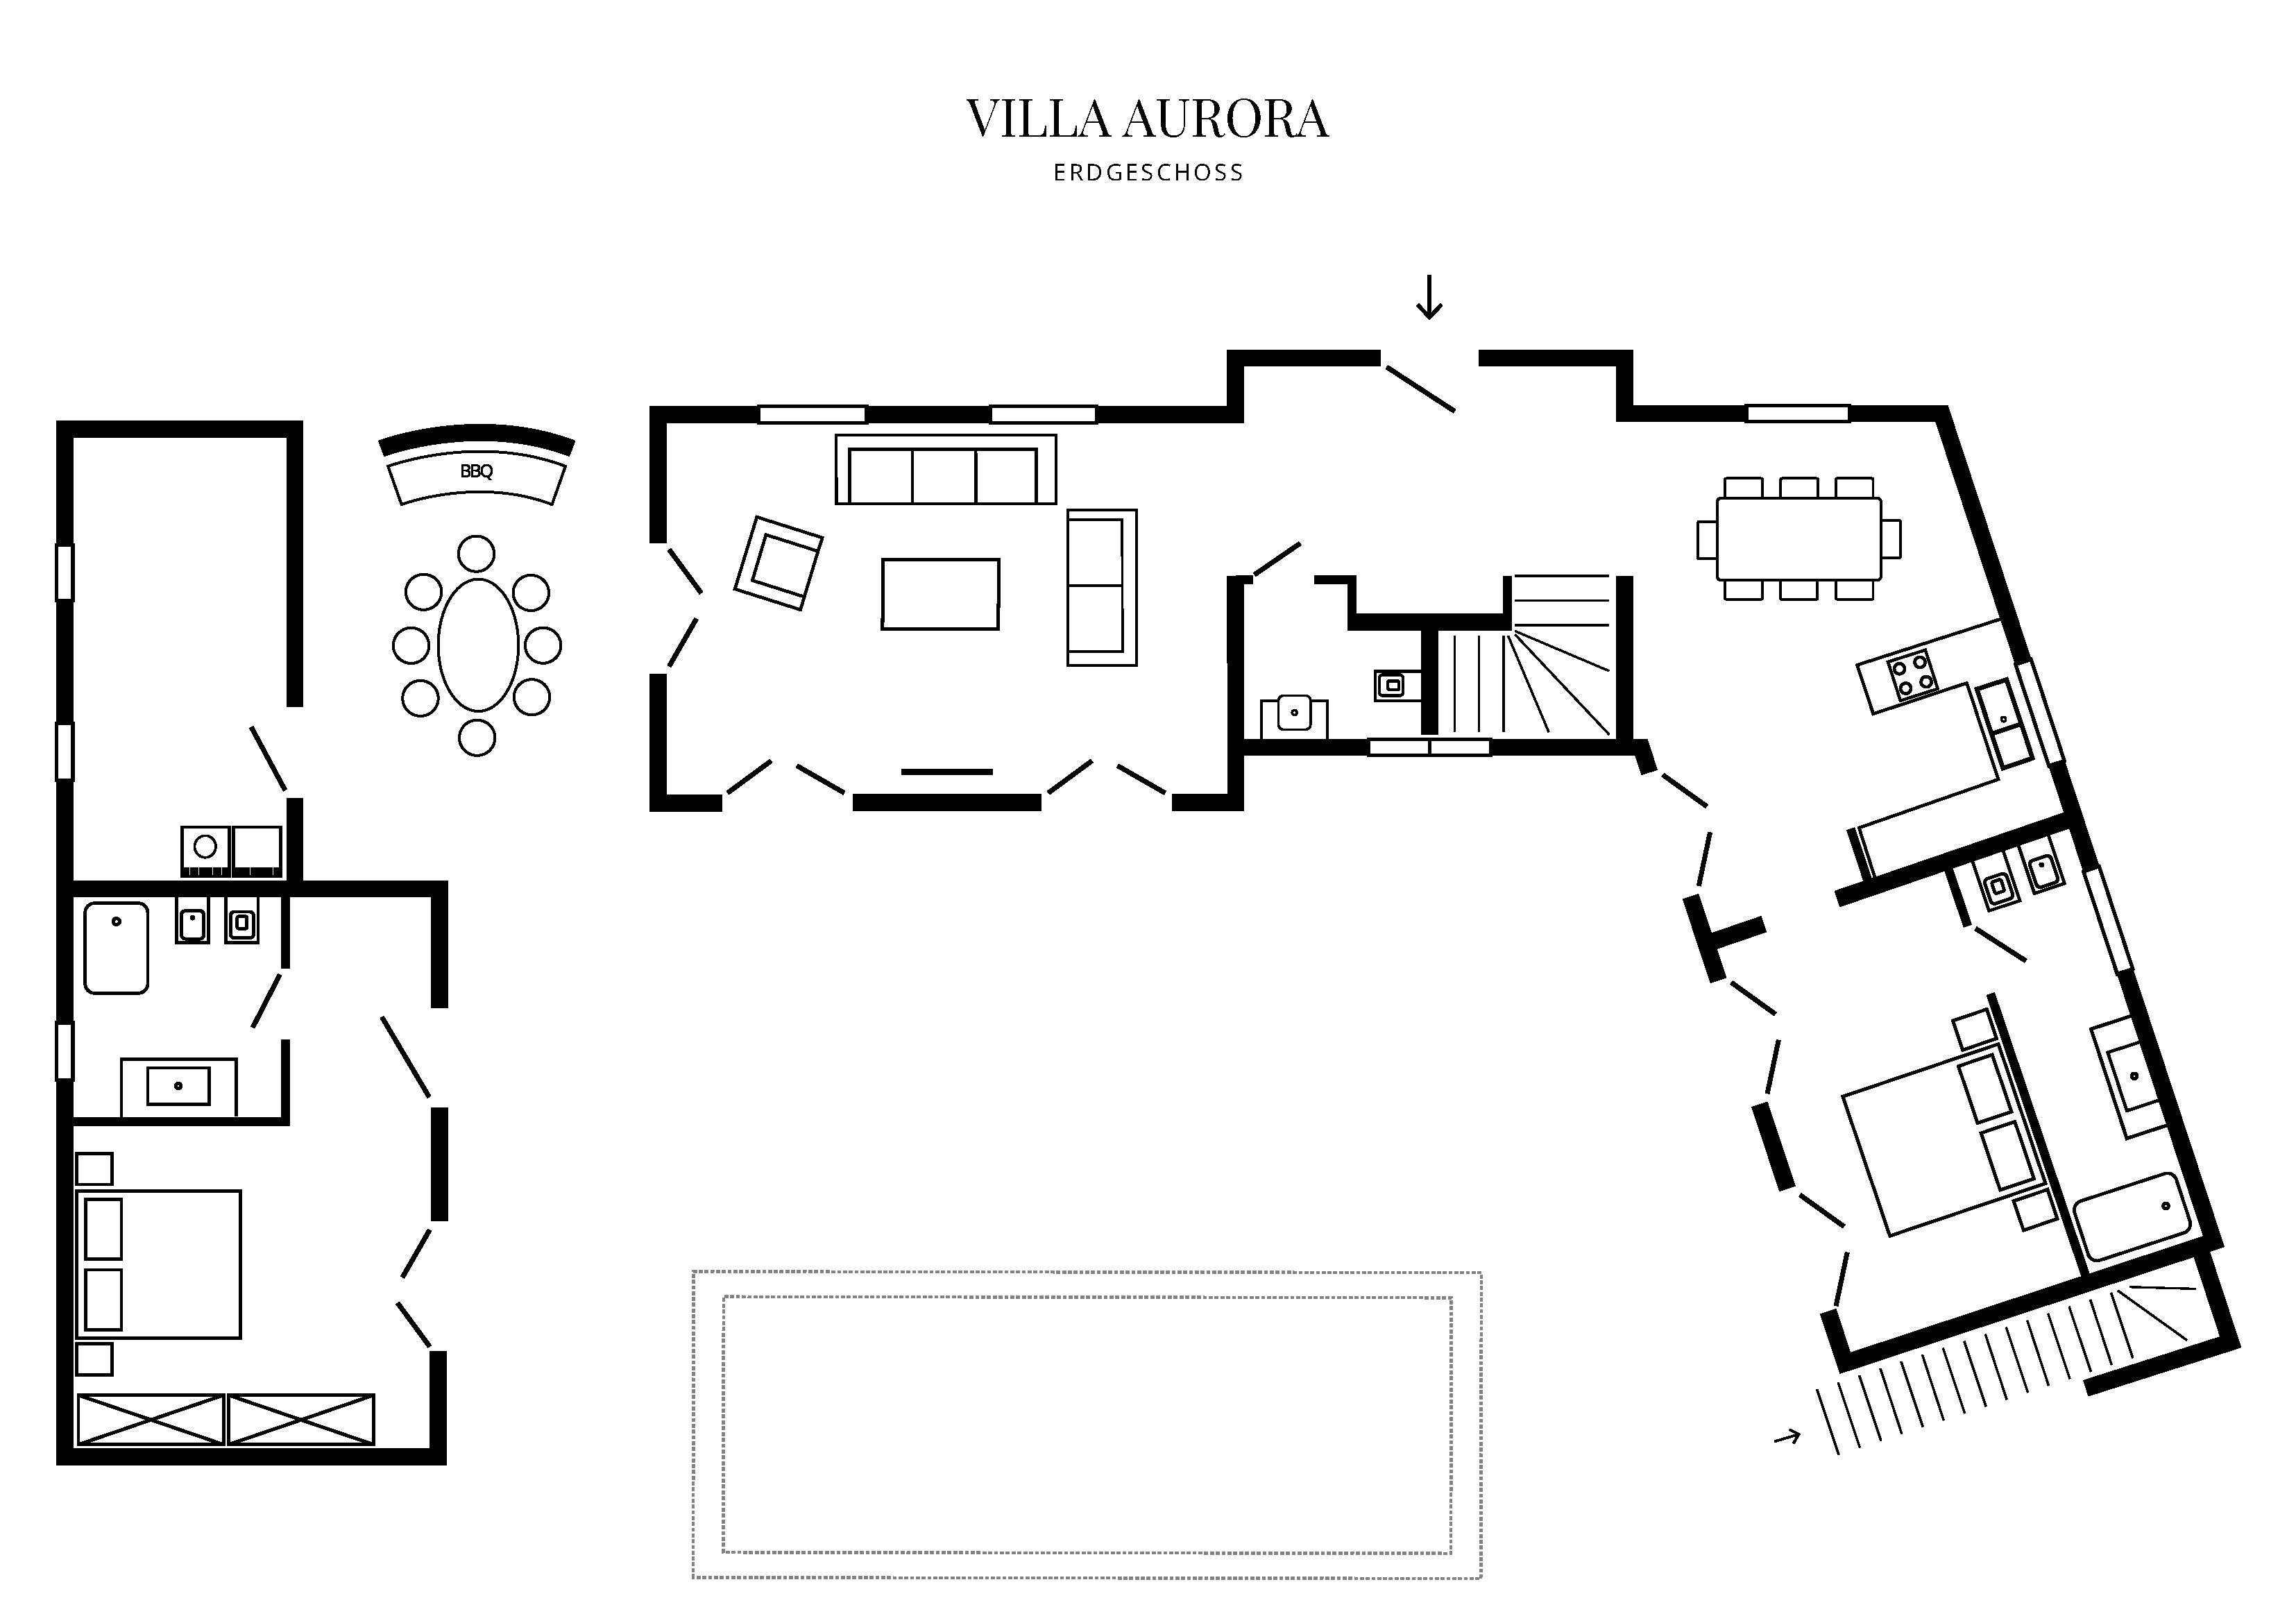 Grafik Grundriss Erdgeschoss Villa Aurora